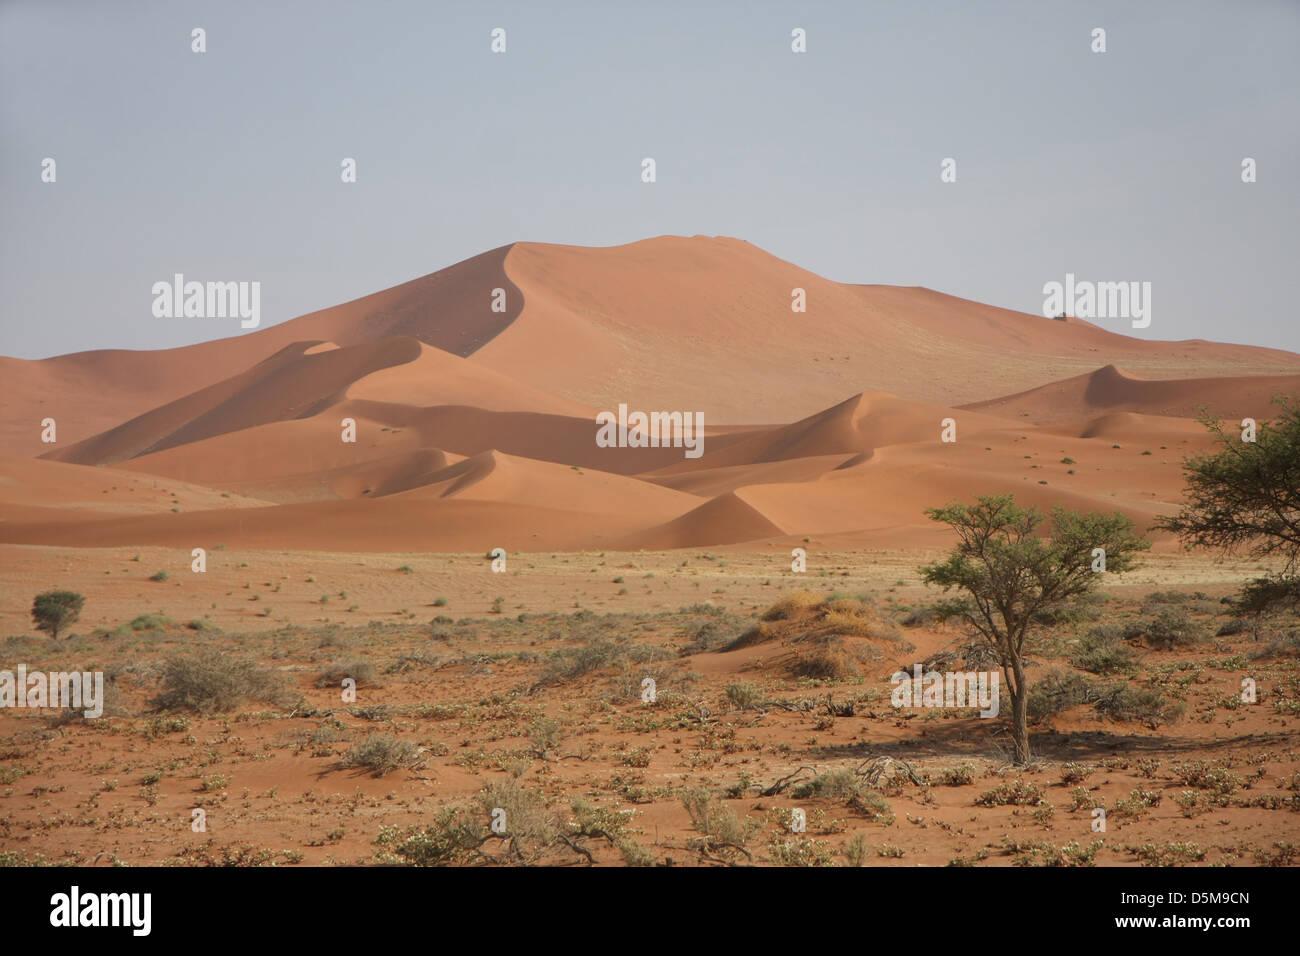 Las dunas de arena, Dead Vlei, cerca de Sossusvlei, el desierto de Namib, el Parque Nacional Namib-Naukluft, Namibia, África Foto de stock